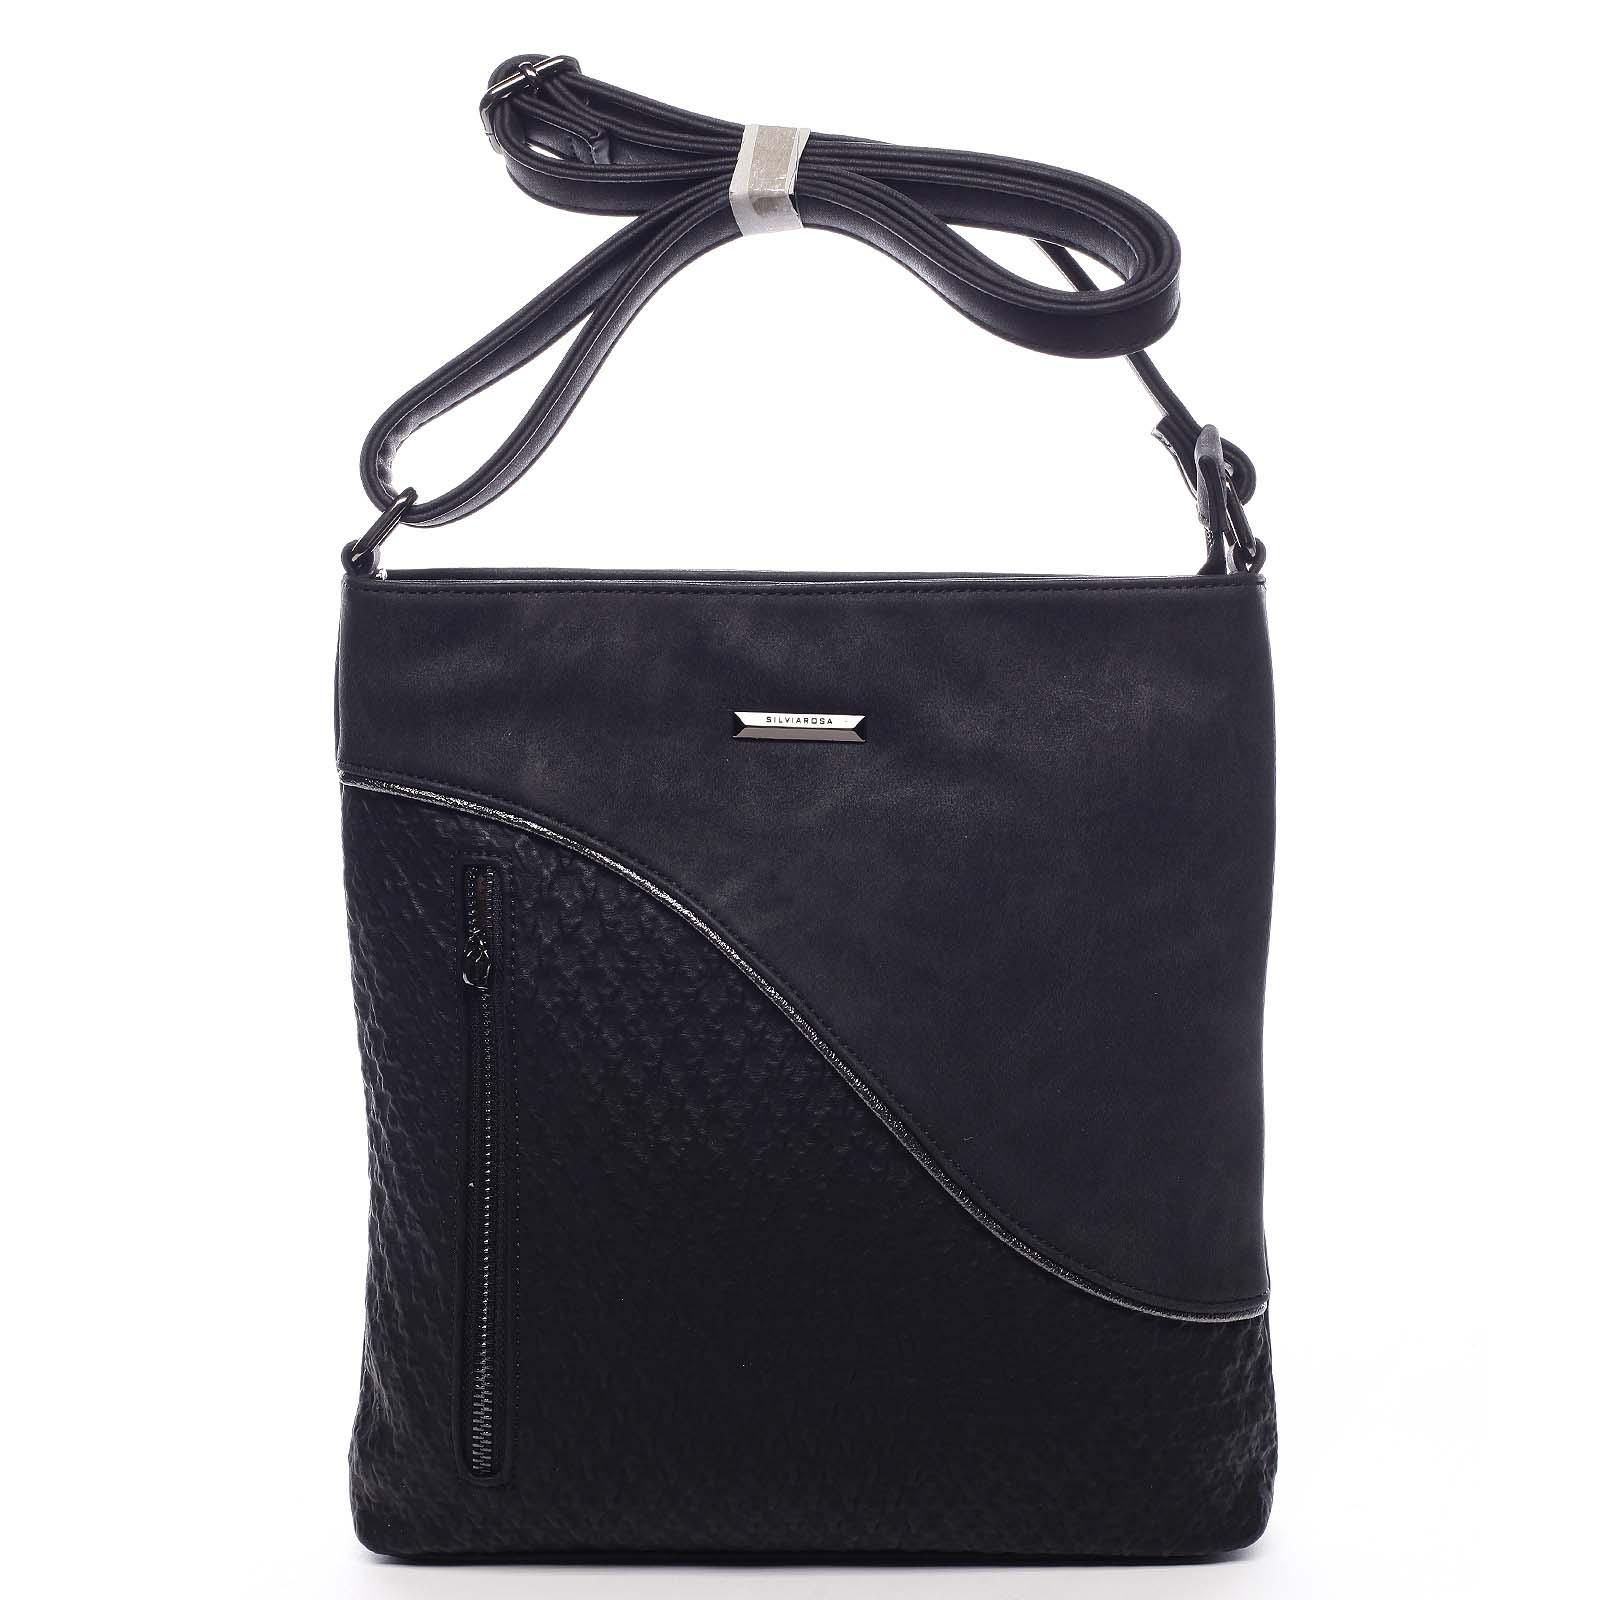 Stylová a módní černá crossbody kabelka - Silvia Rosa Soffi